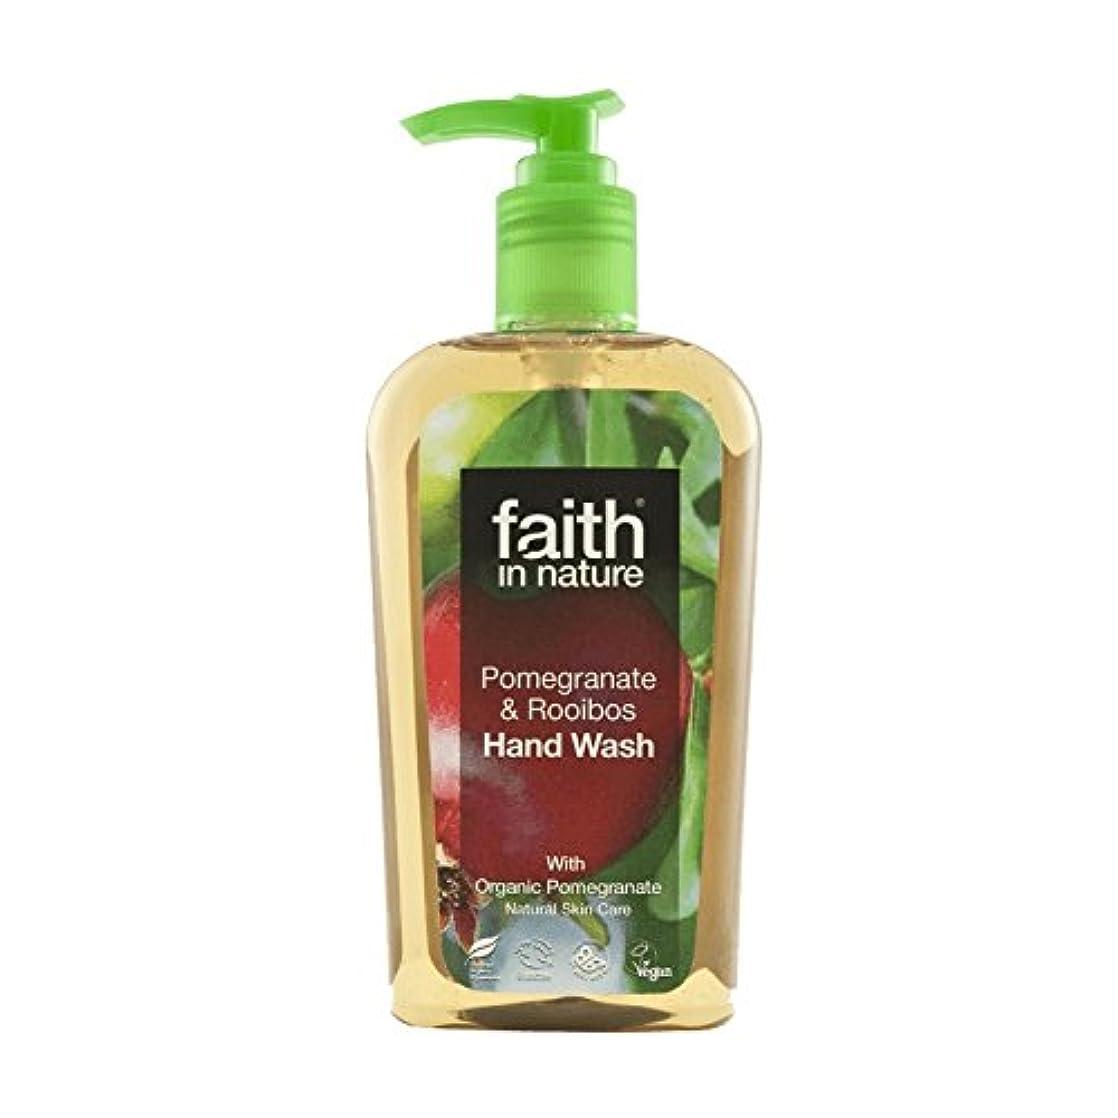 前に薄める現実Faith In Nature Pomegranate & Rooibos Handwash 300ml (Pack of 6) - 自然ザクロ&ルイボス手洗いの300ミリリットルの信仰 (x6) [並行輸入品]